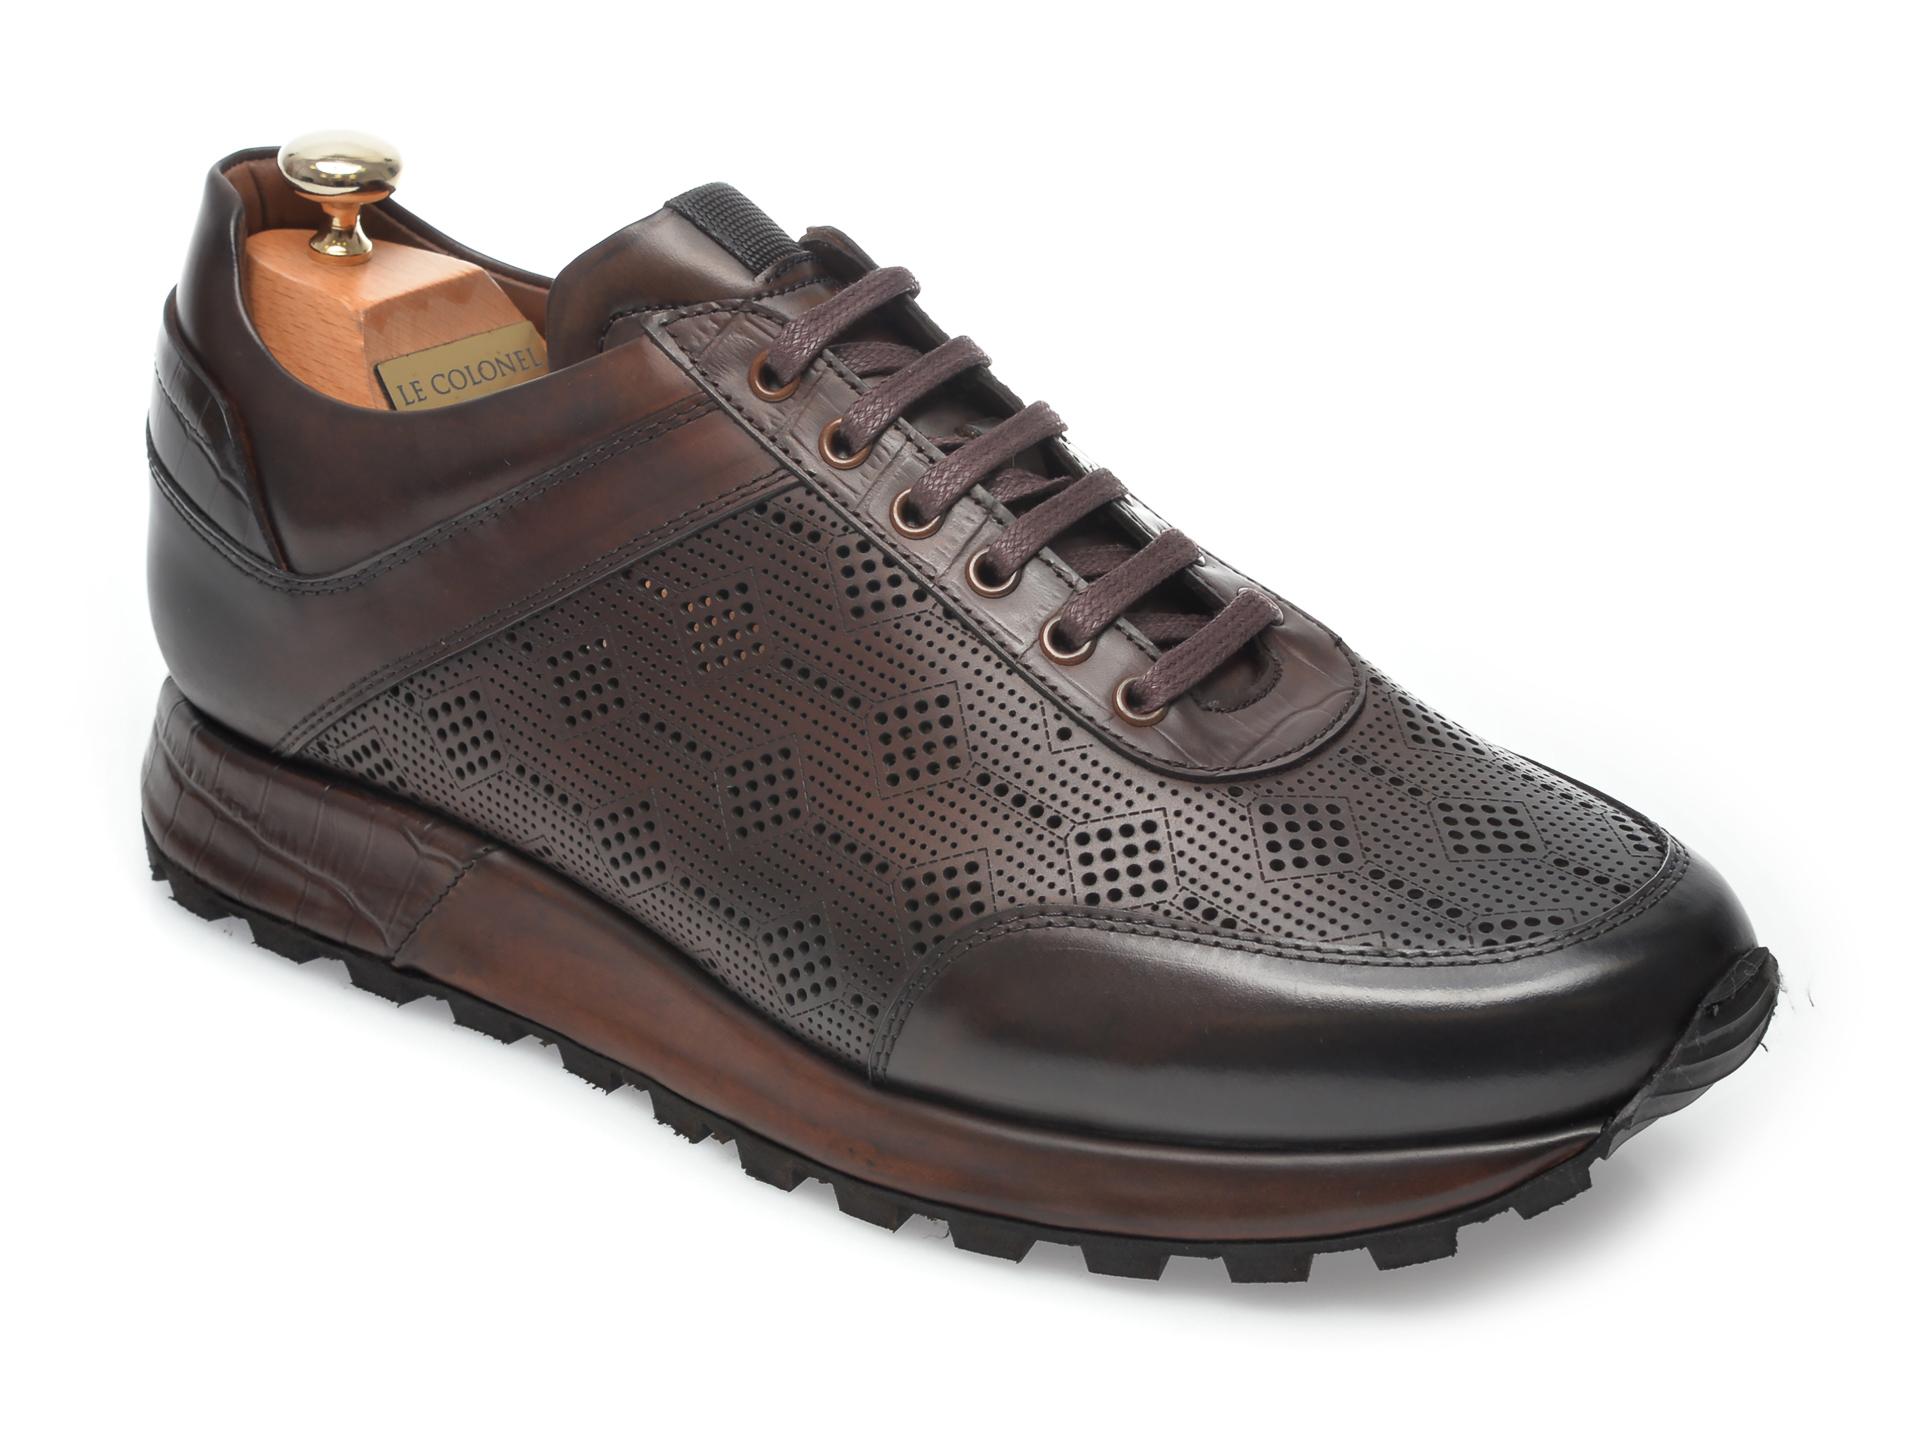 Pantofi LE COLONEL maro, 49438, din piele naturala New